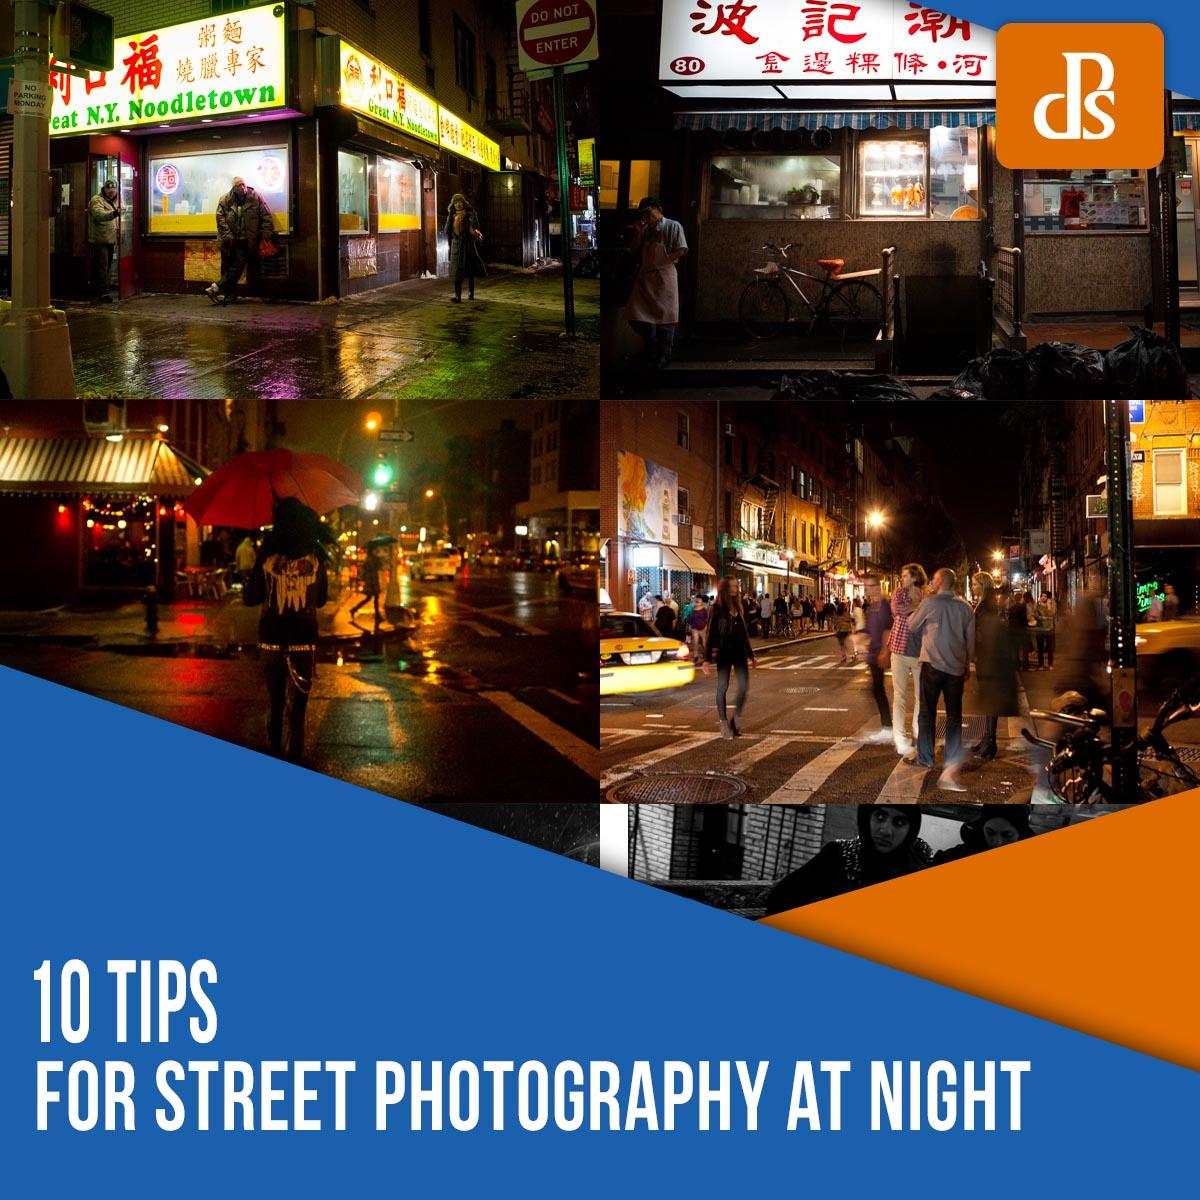 dicas de fotografia de rua à noite